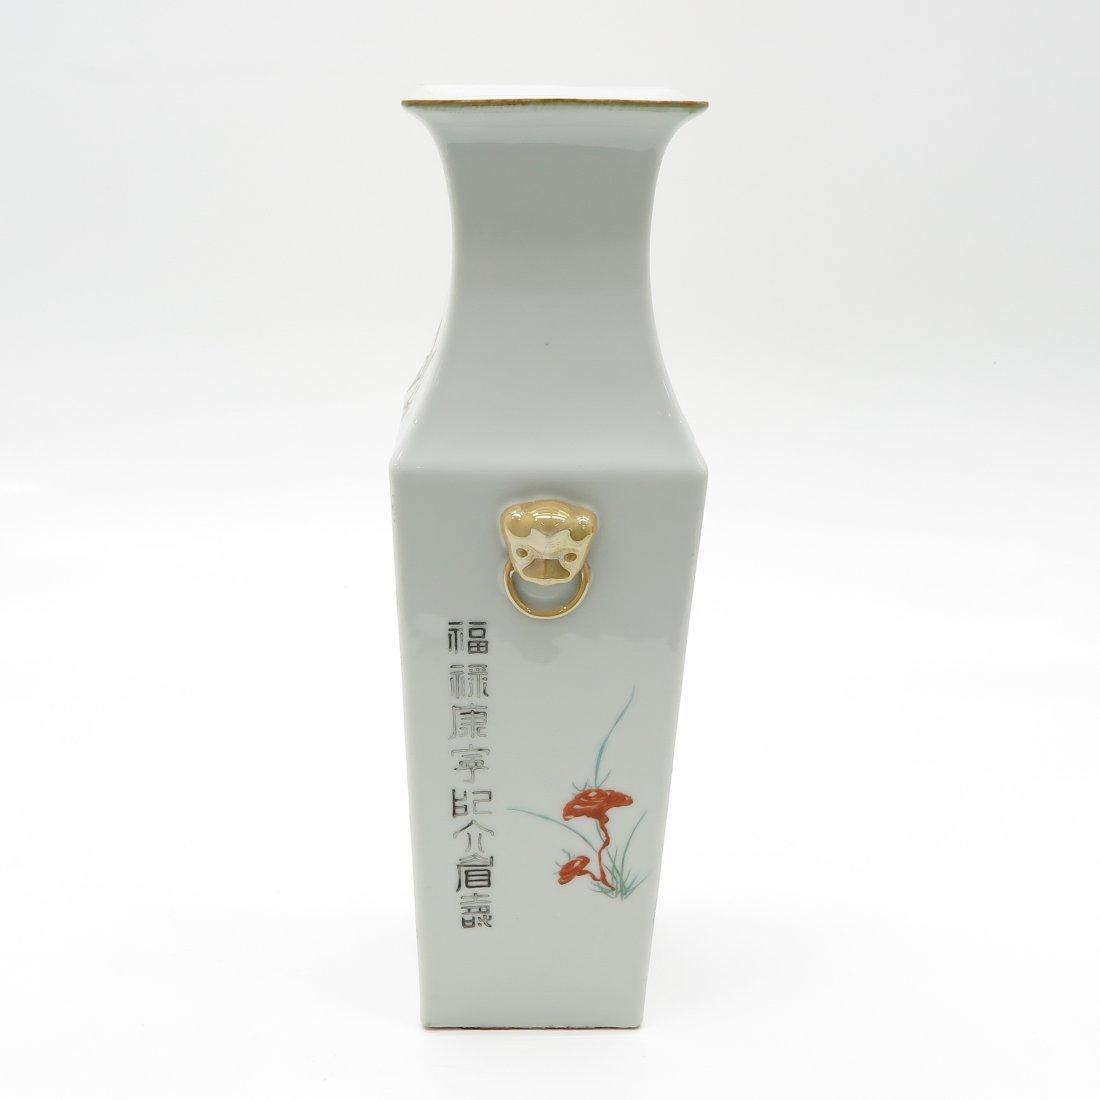 19th Century China Porcelain Vase - 4